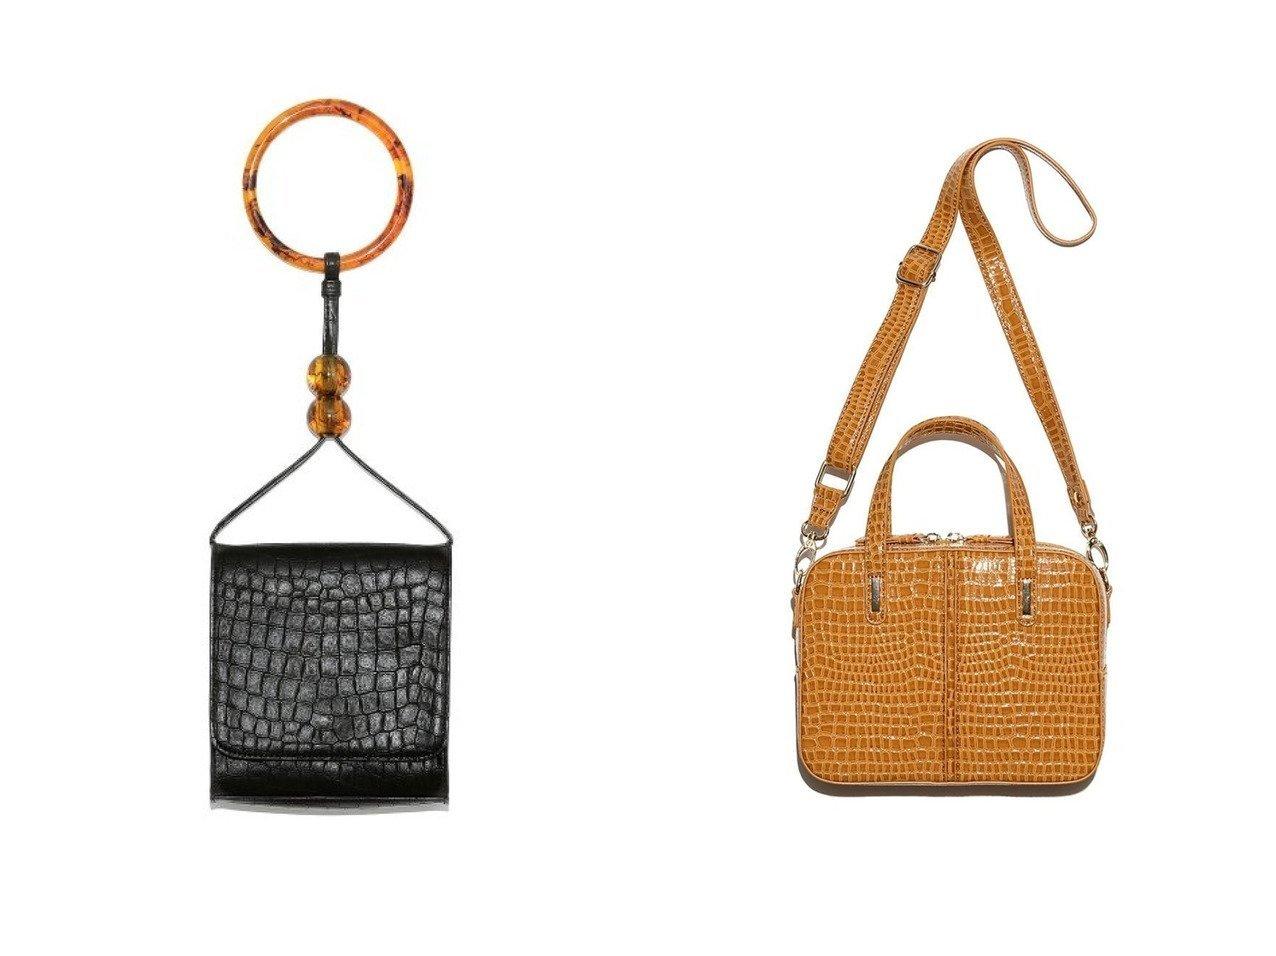 【Lily Brown/リリーブラウン】のスクエアクラシックバッグ&マーブルハンドルミニバッグ バッグ・鞄のおすすめ!人気、トレンド・レディースファッションの通販  おすすめで人気の流行・トレンド、ファッションの通販商品 メンズファッション・キッズファッション・インテリア・家具・レディースファッション・服の通販 founy(ファニー) https://founy.com/ ファッション Fashion レディースファッション WOMEN バッグ Bag コンパクト スマート ポケット マーブル ミックス 今季 クラシカル ショルダー スクエア メタル ヴィンテージ 人気 定番 A/W 秋冬 AW Autumn/Winter / FW Fall-Winter |ID:crp329100000009925